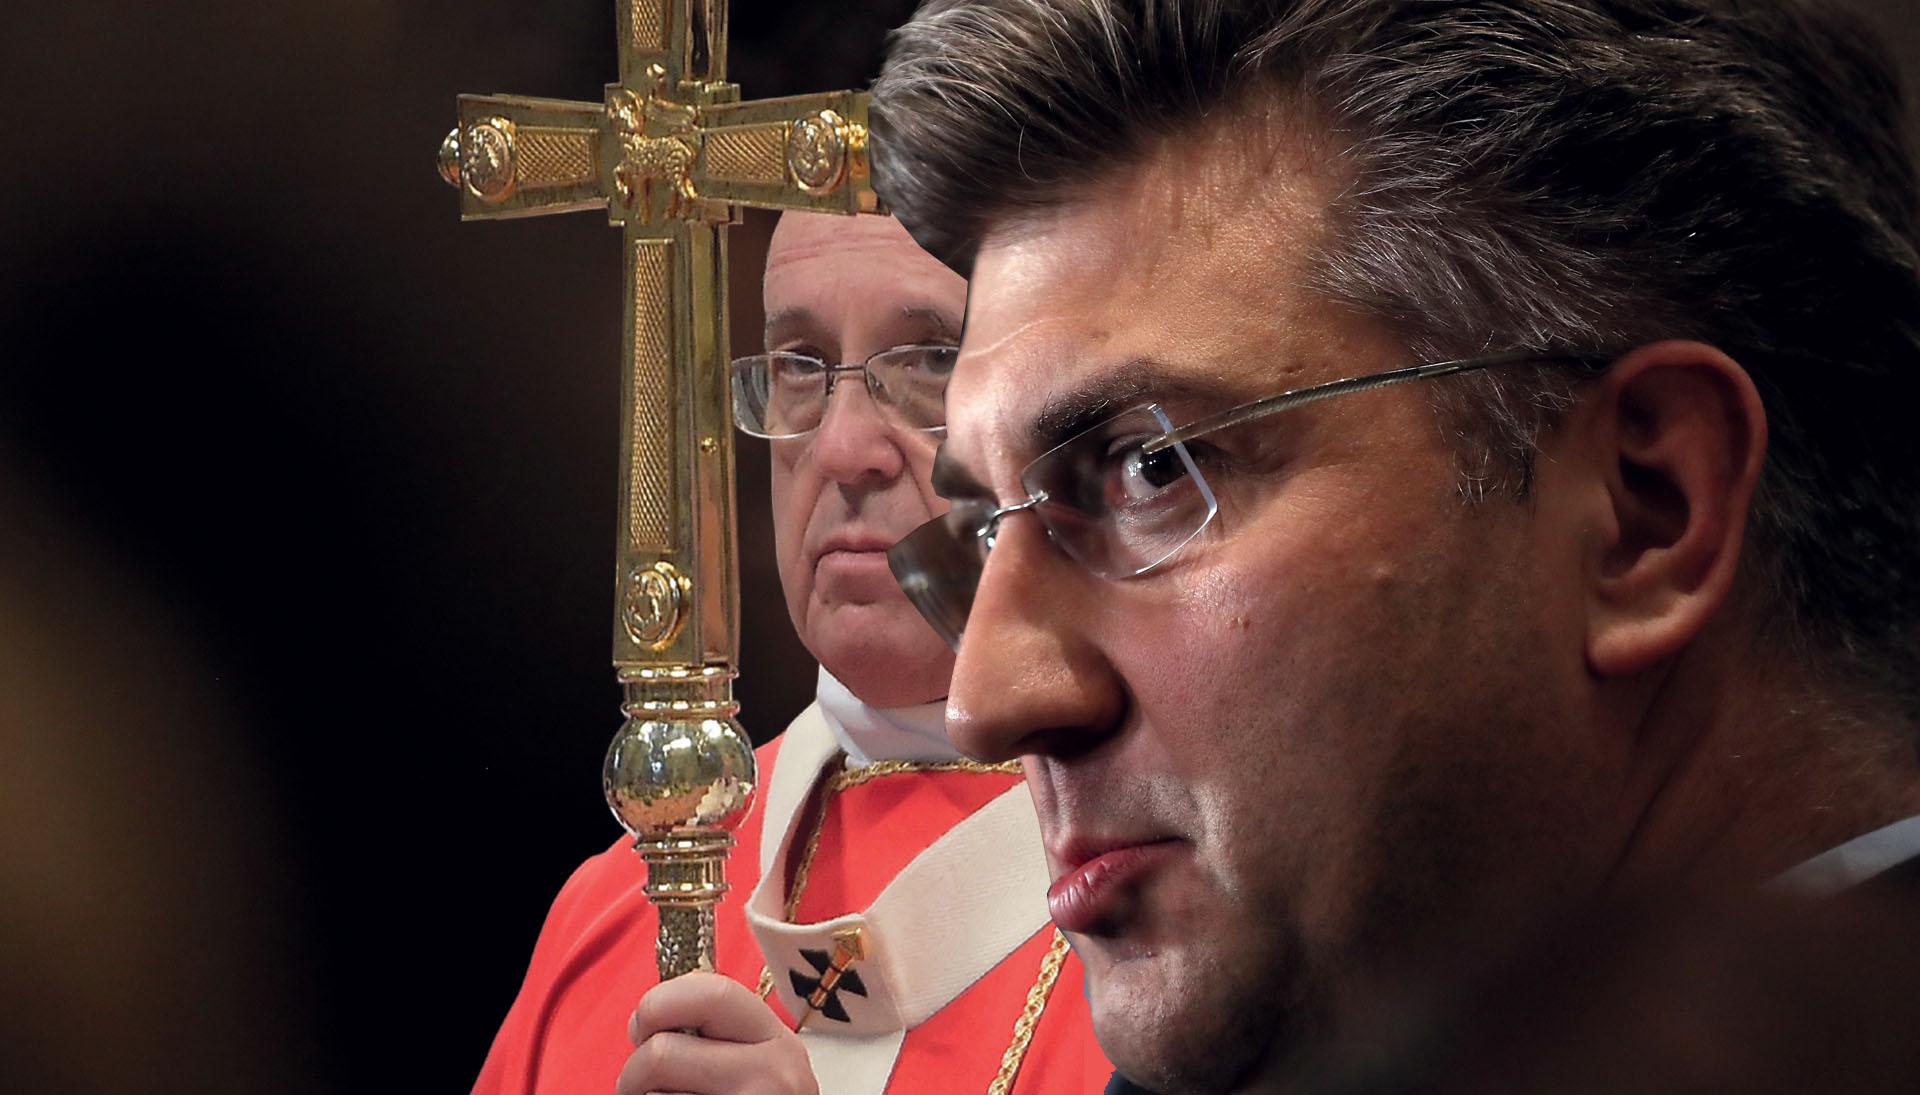 EKSKLUZIVNO 'Plenković započinje specijalnu operaciju u srcu Vatikana'